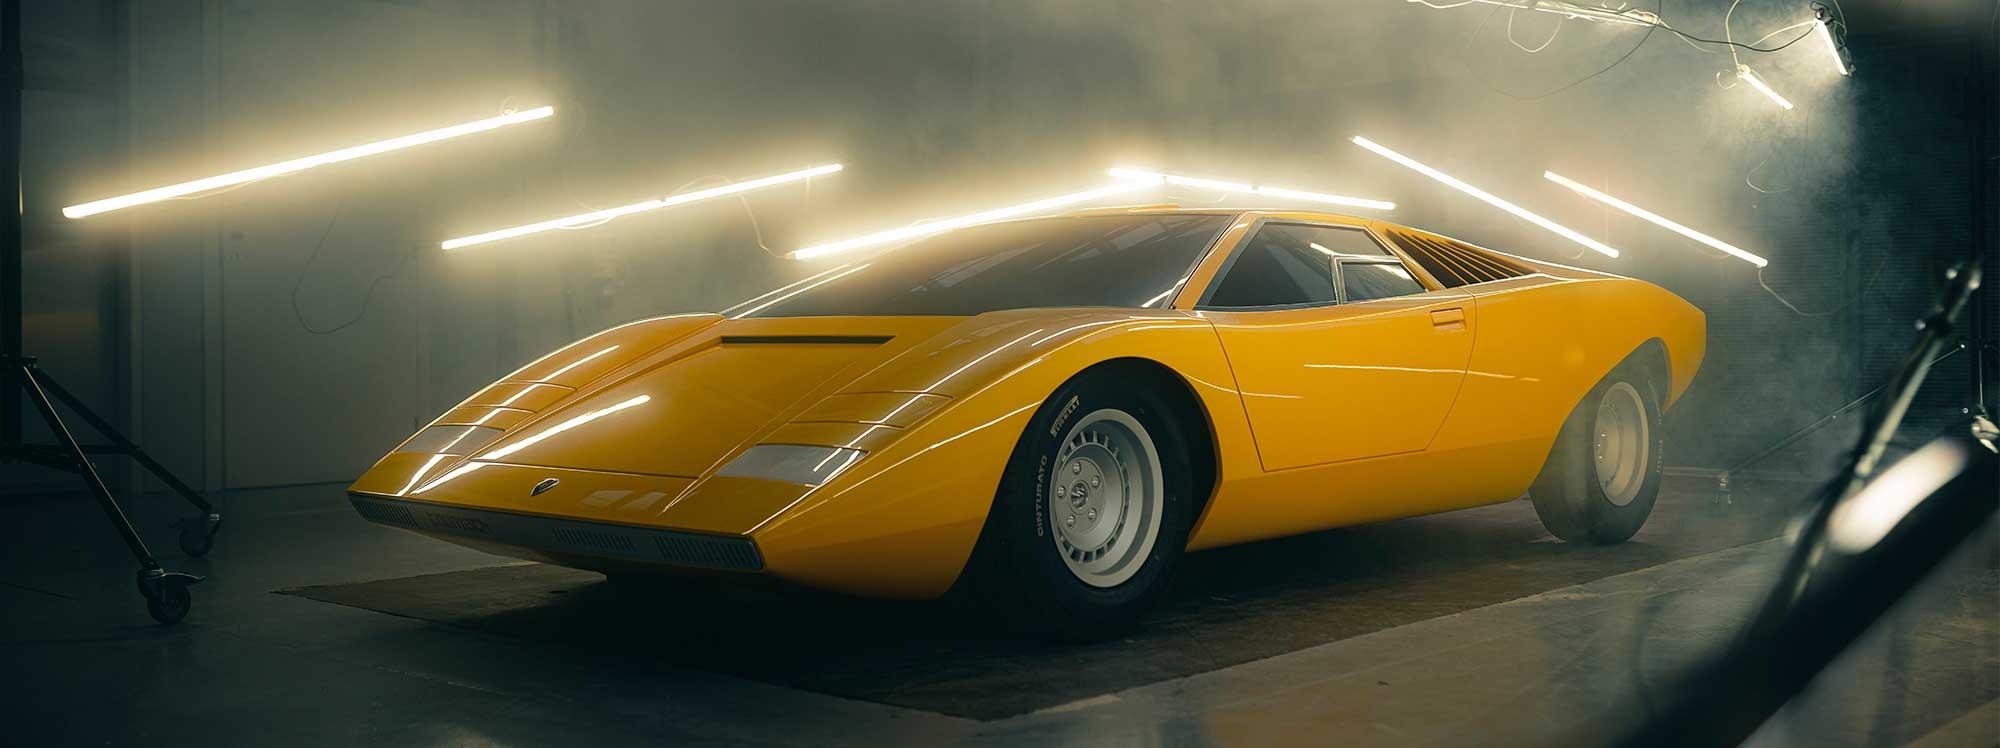 La reconstrucción del primer Lamborghini Countach